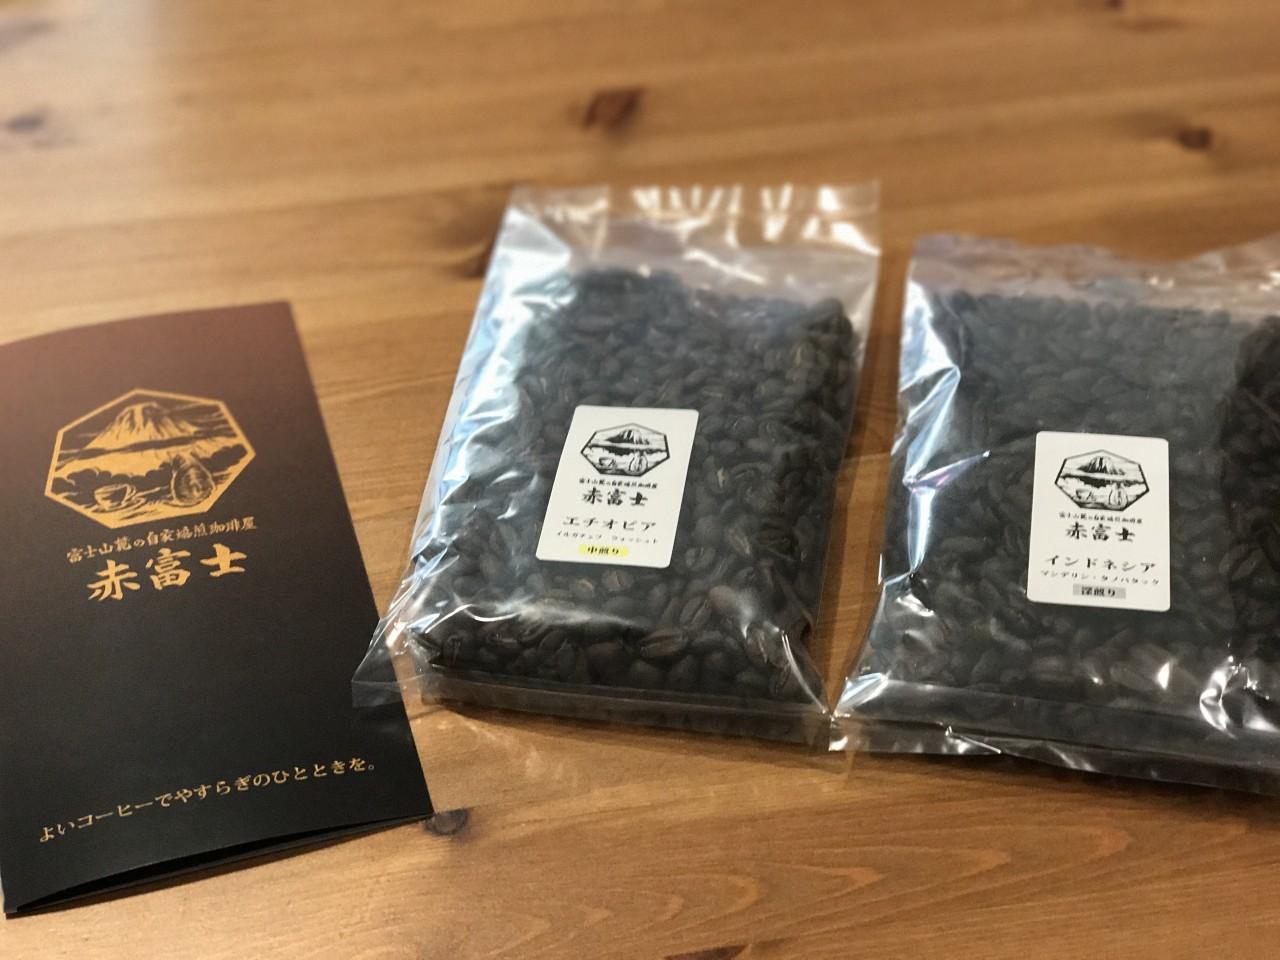 静岡県富士市に行ったら立ち寄りたい自家焙煎コーヒー屋「赤富士珈琲」がおすすめ